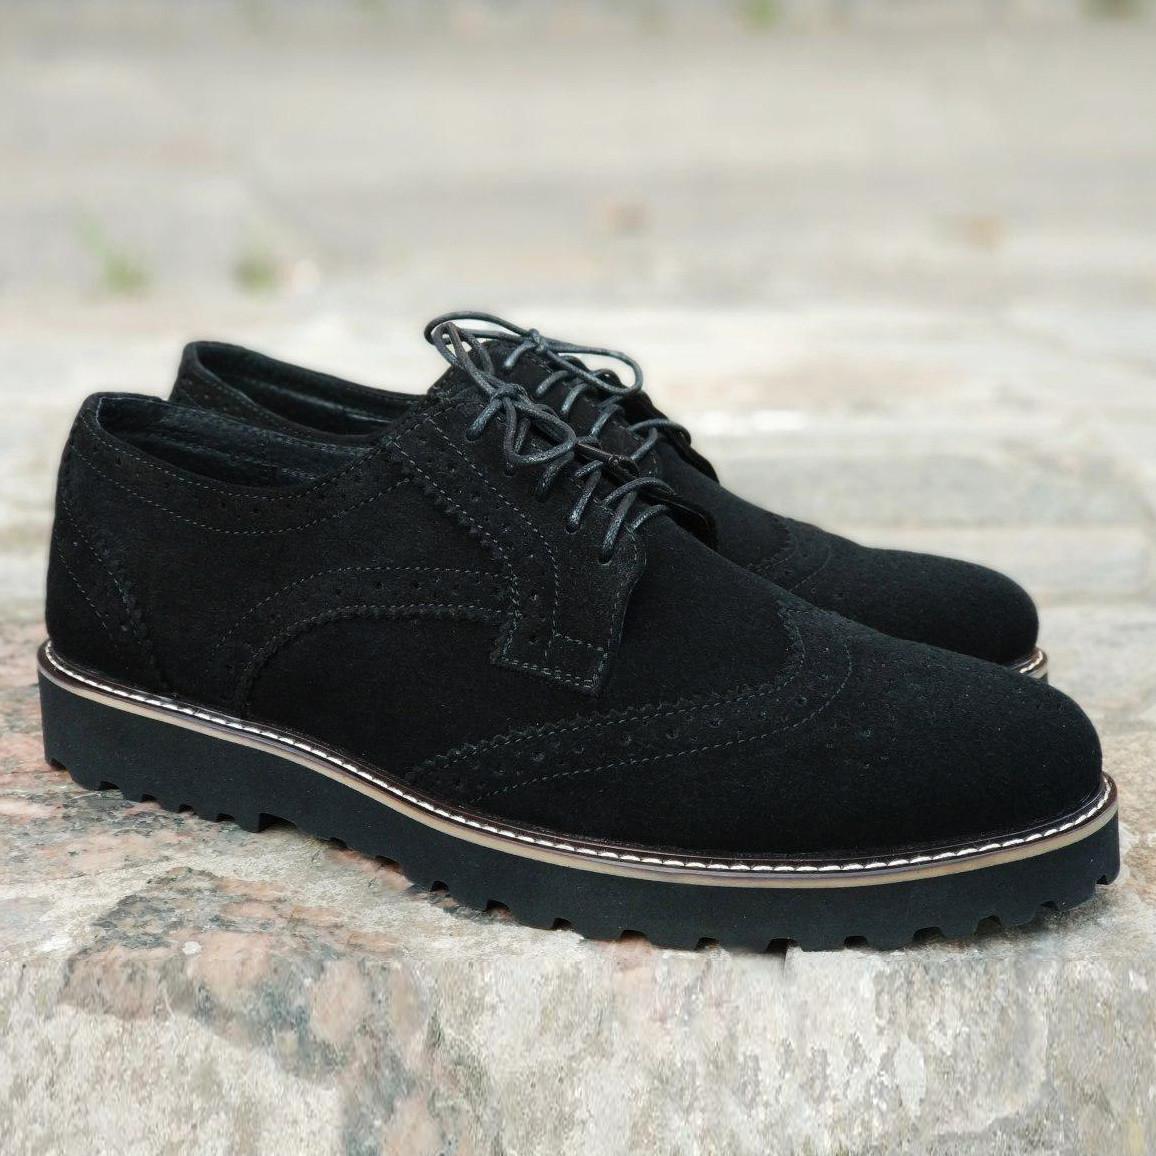 Туфли броги мужские черные замшевые Оникс (Onyx) от бренда Legessy размер 40, 41, 42, 43, 44, 45